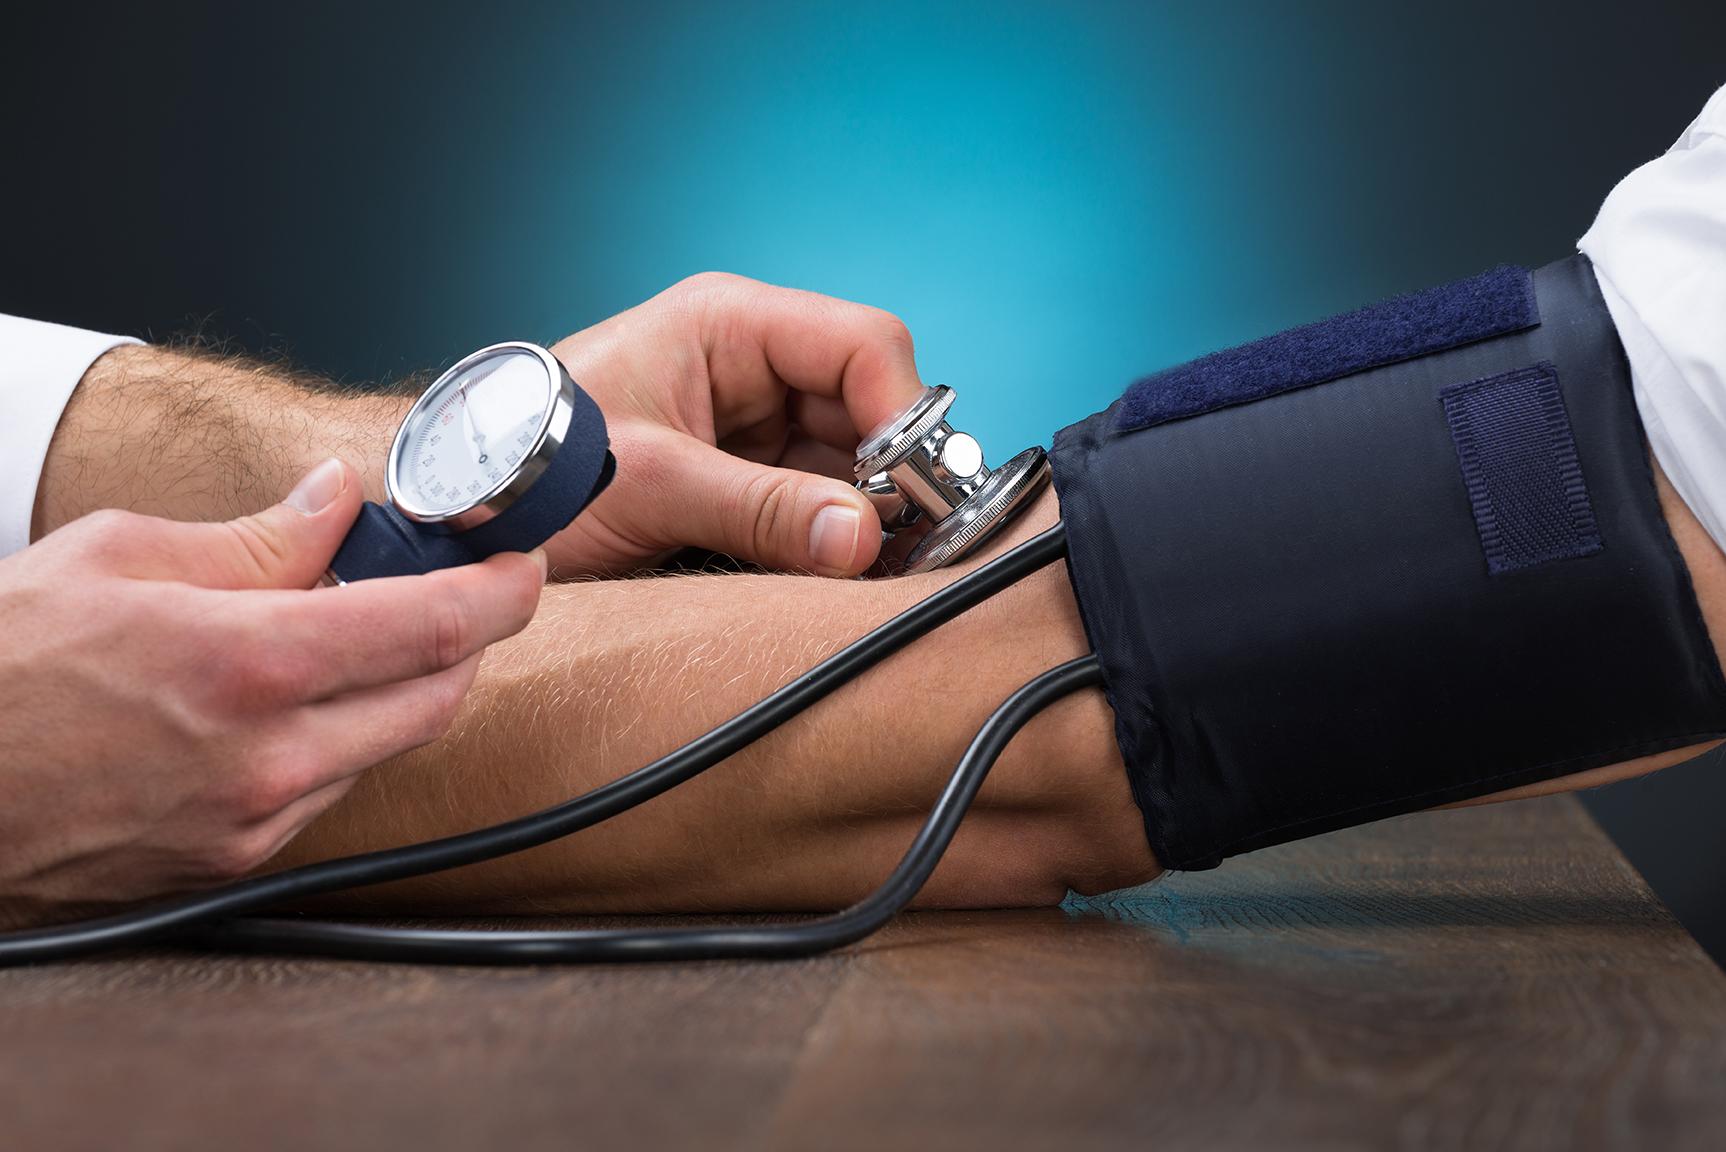 снижение артериального давления картинки головин